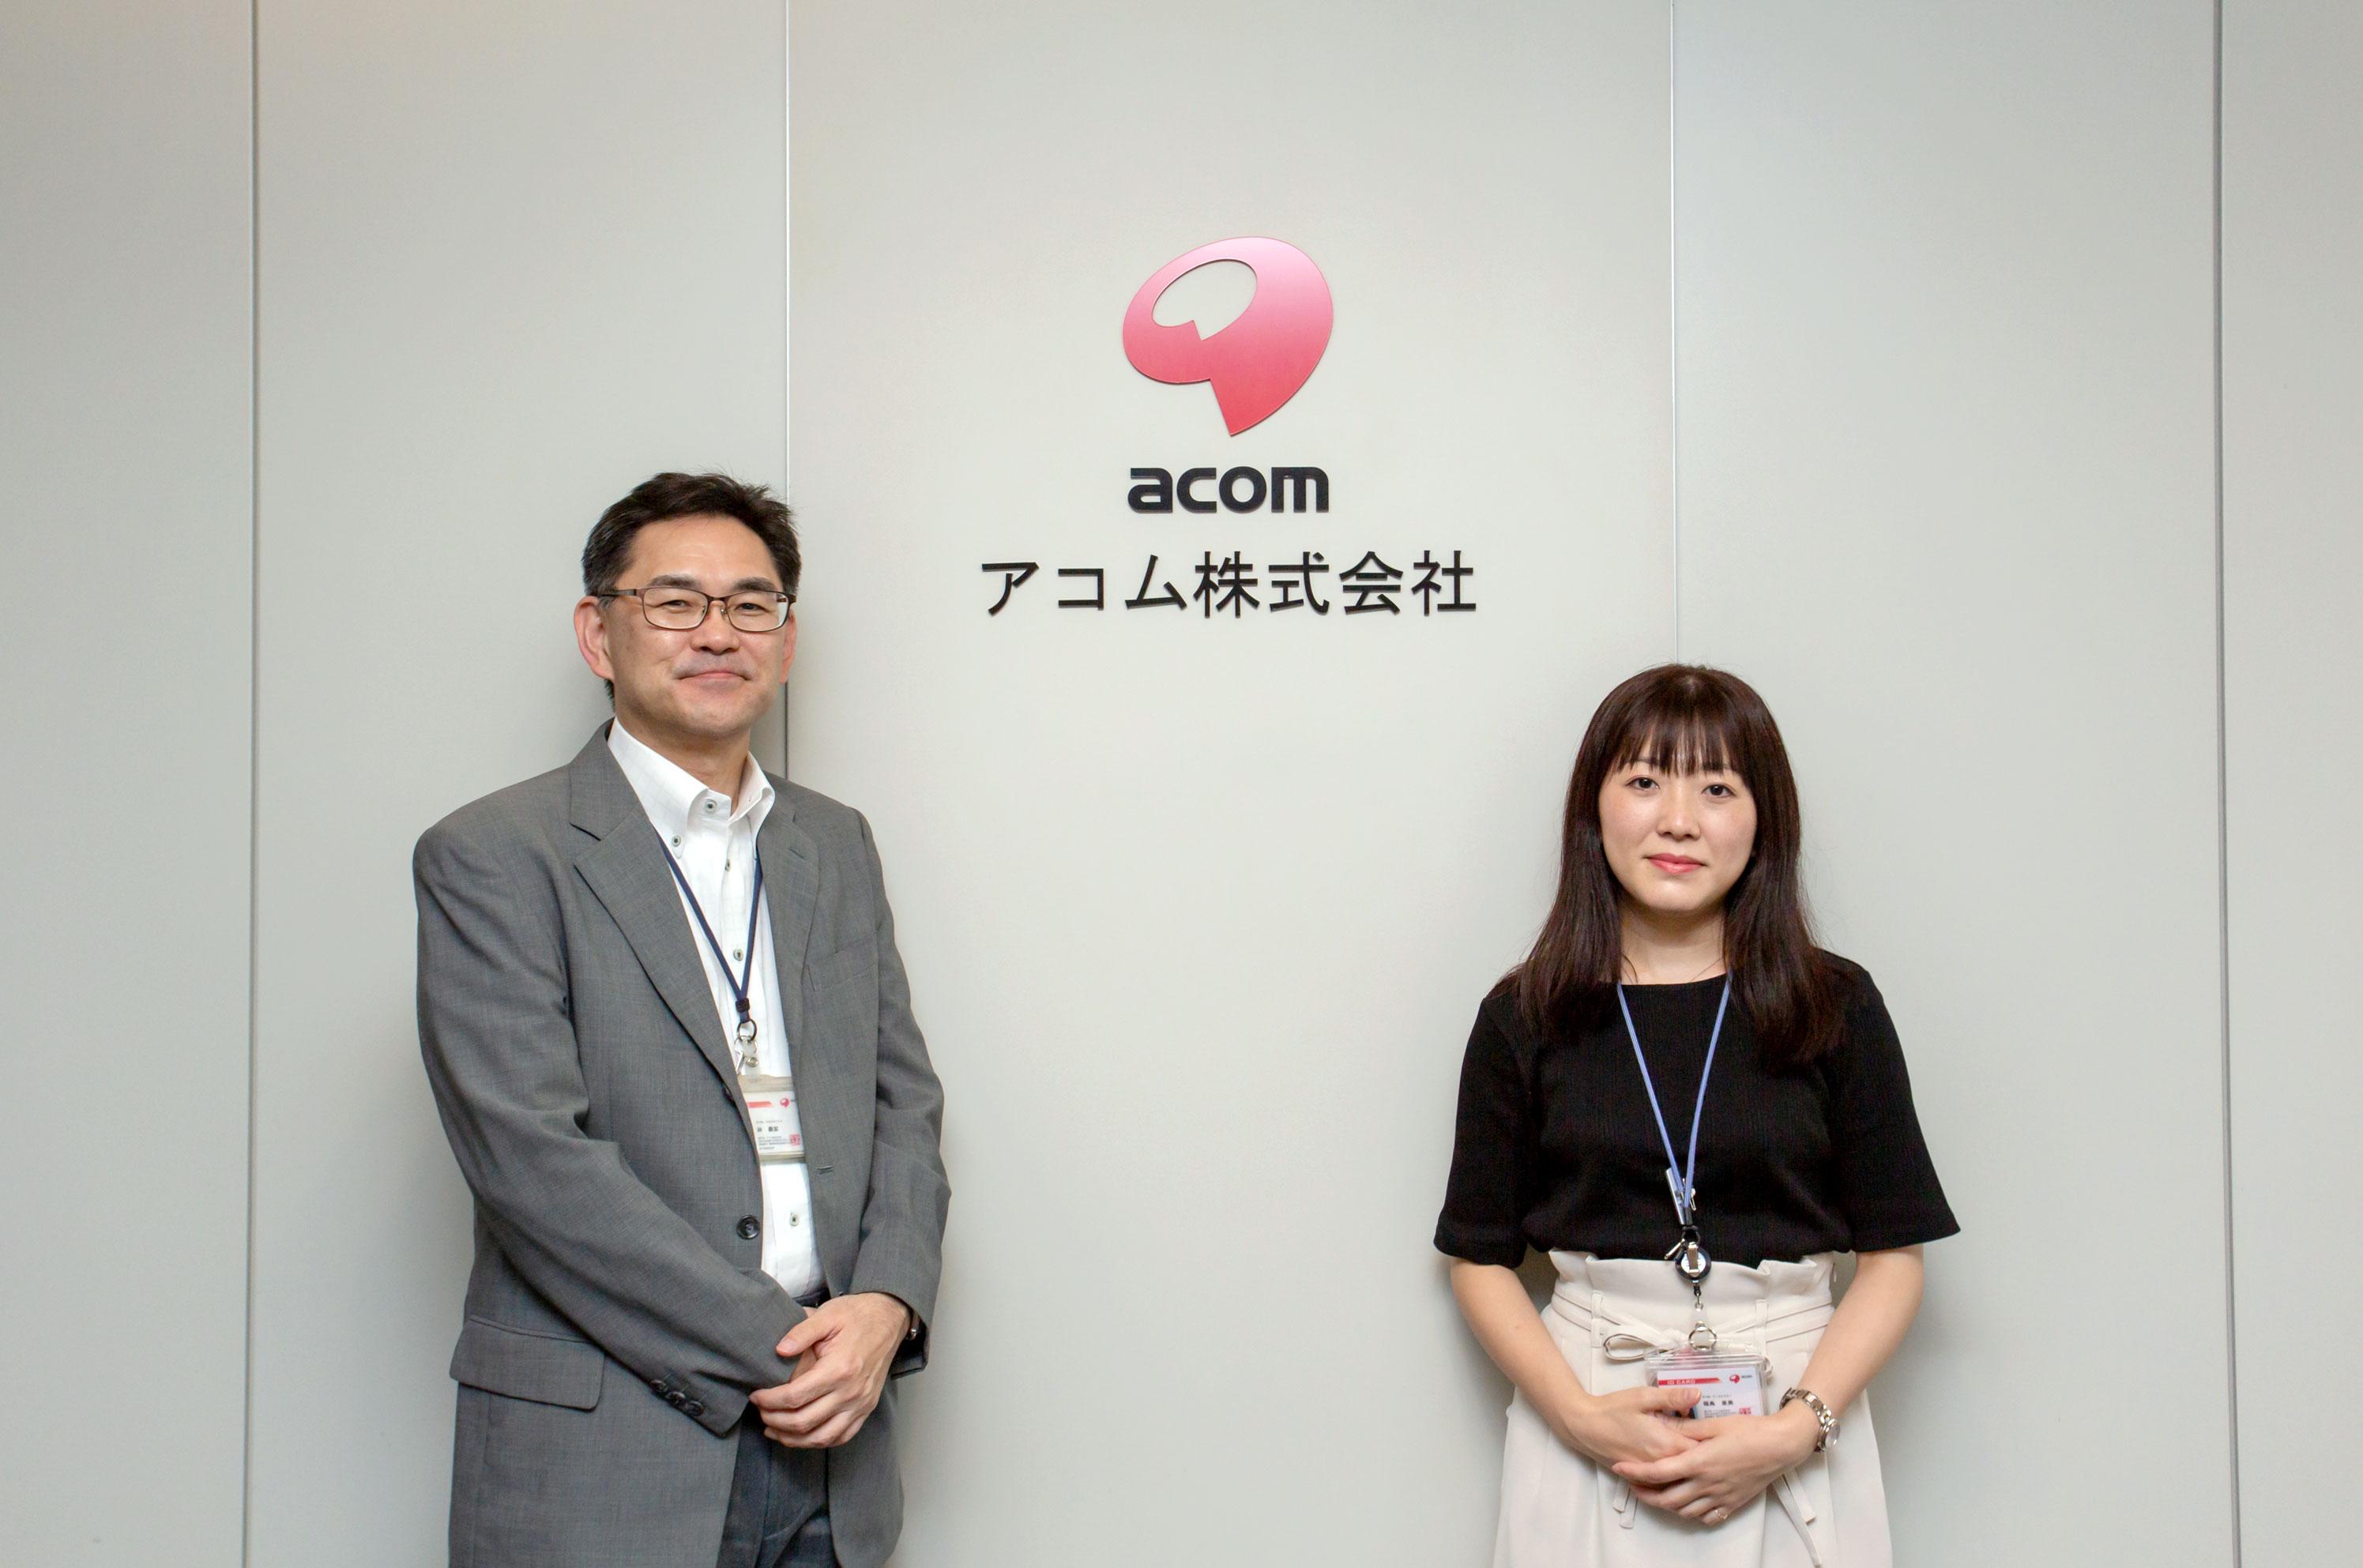 アコム株式会社の人事部の林様と福島様が笑顔で並んでいる写真